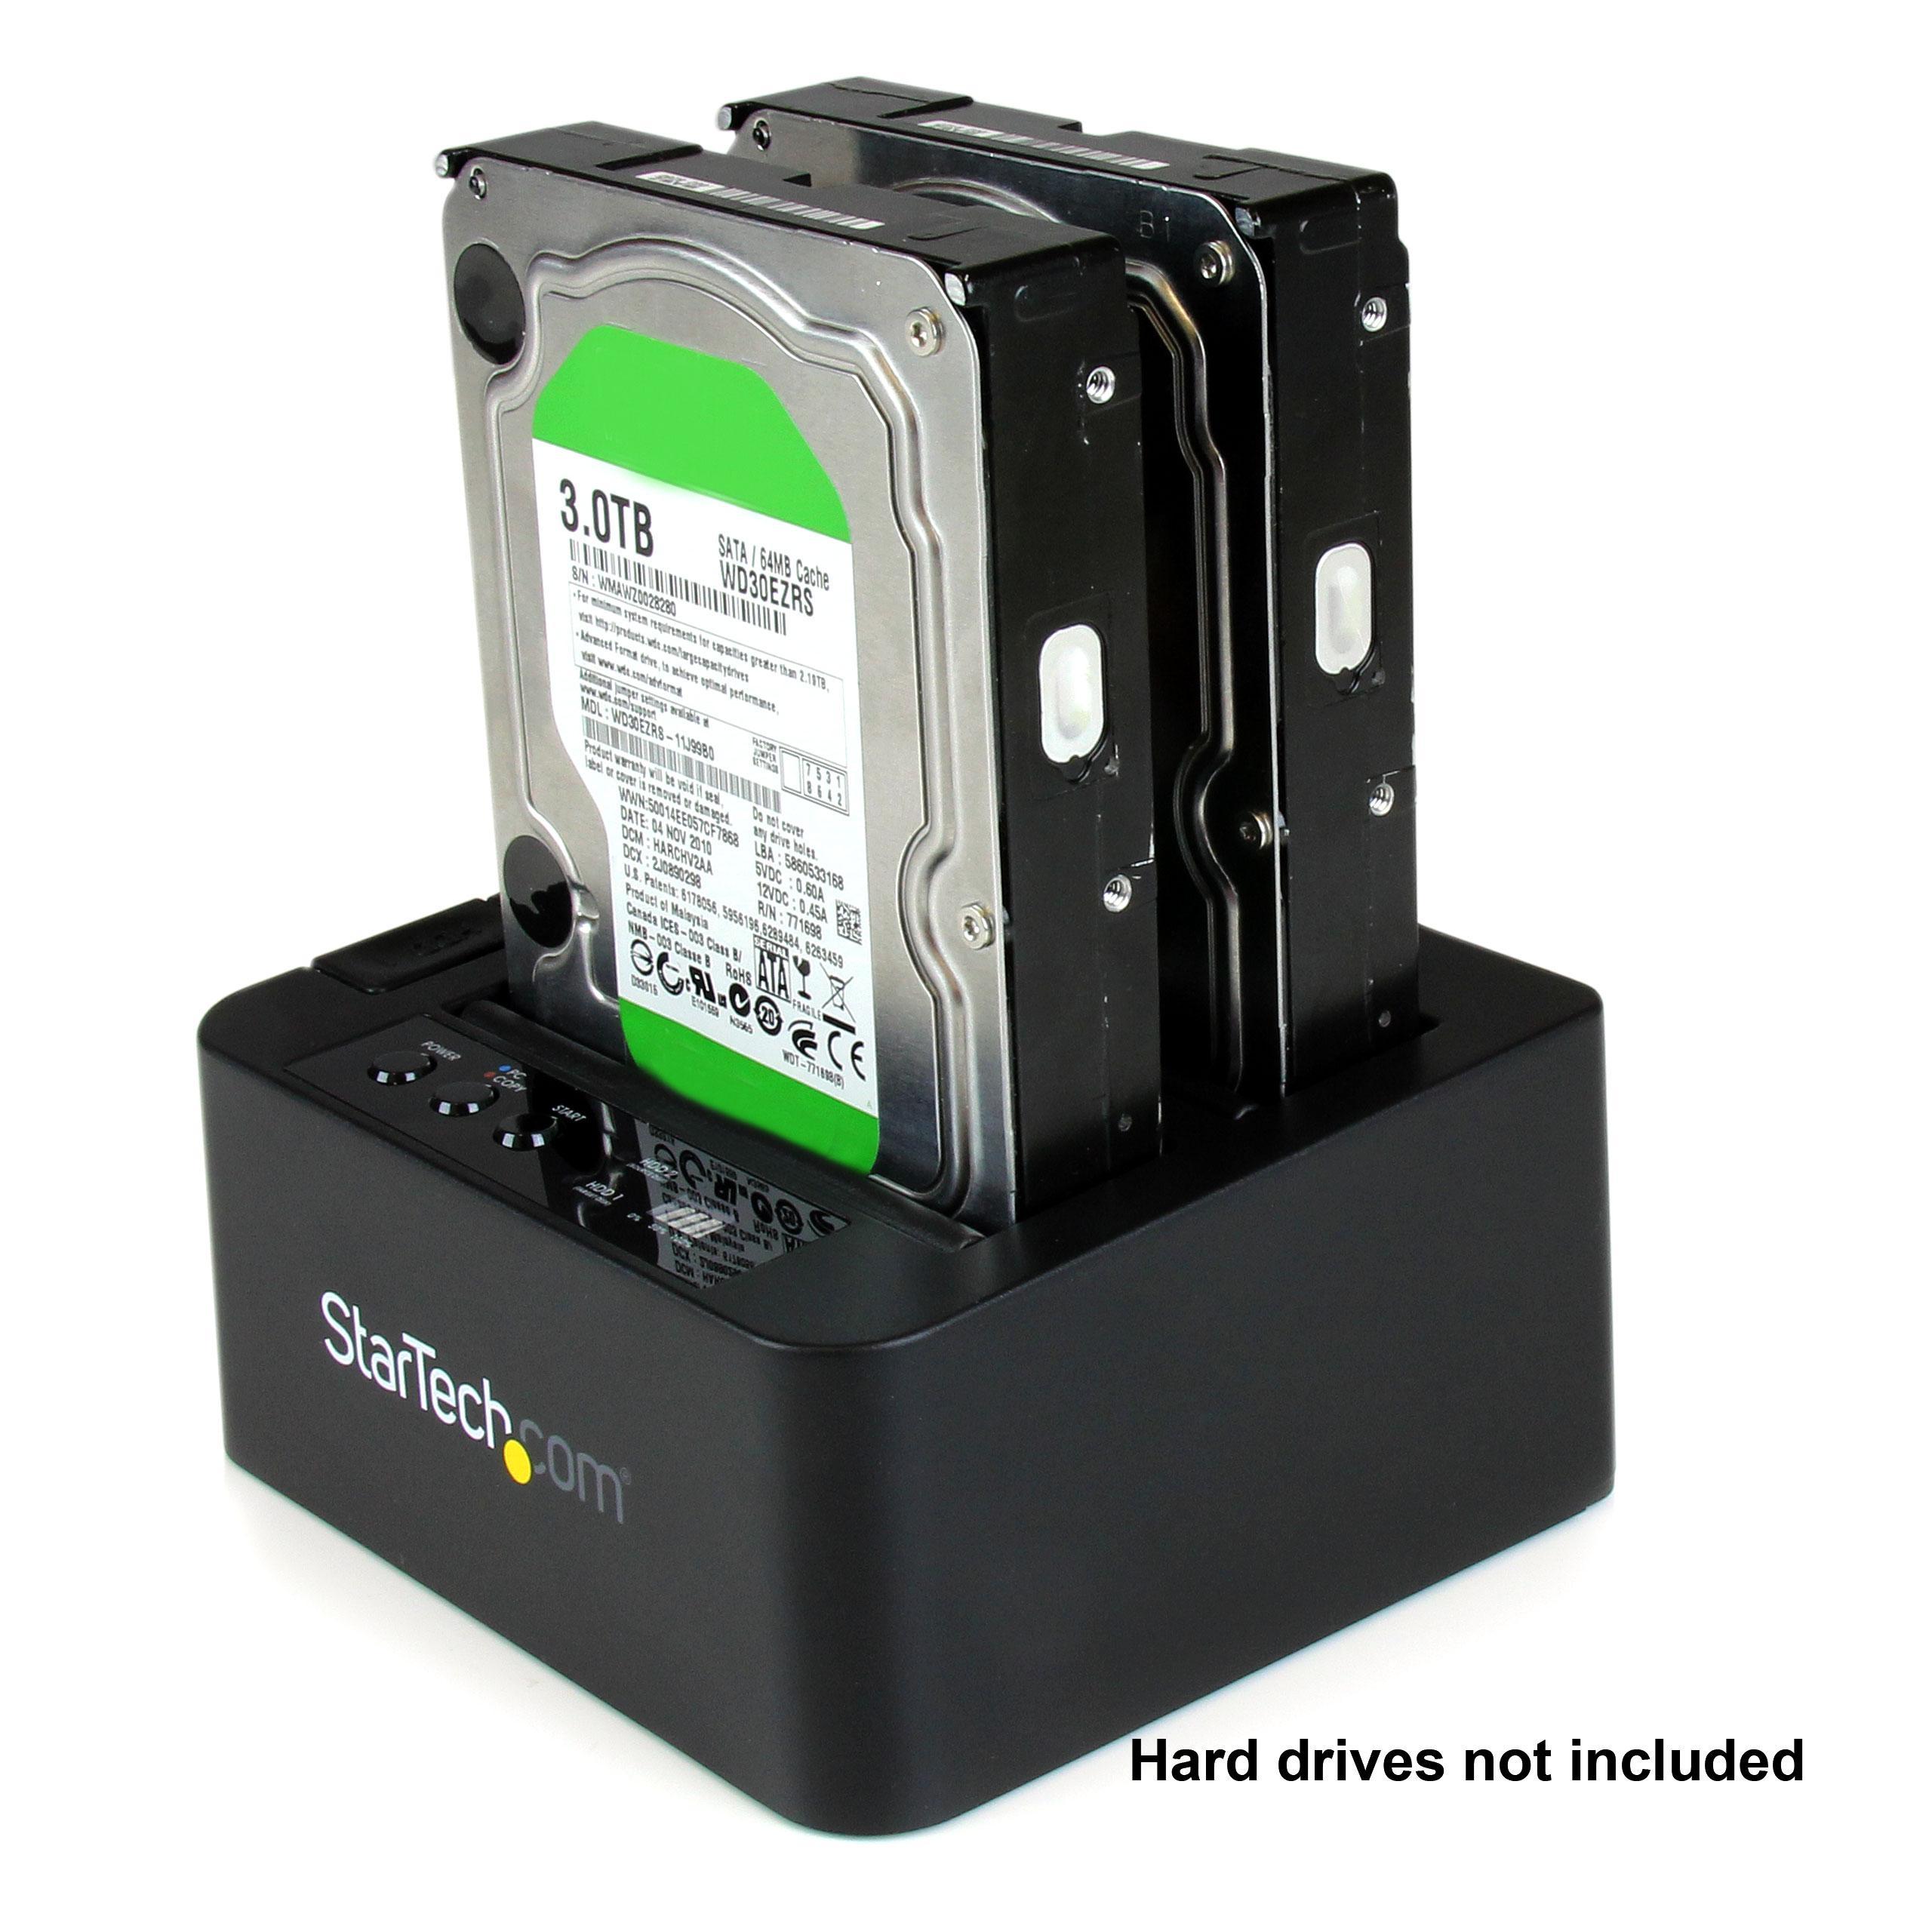 Amazon.com: StarTech.com SATA Hard Drive HDD Duplicator Dock - eSATA USB Hard Disk Drive